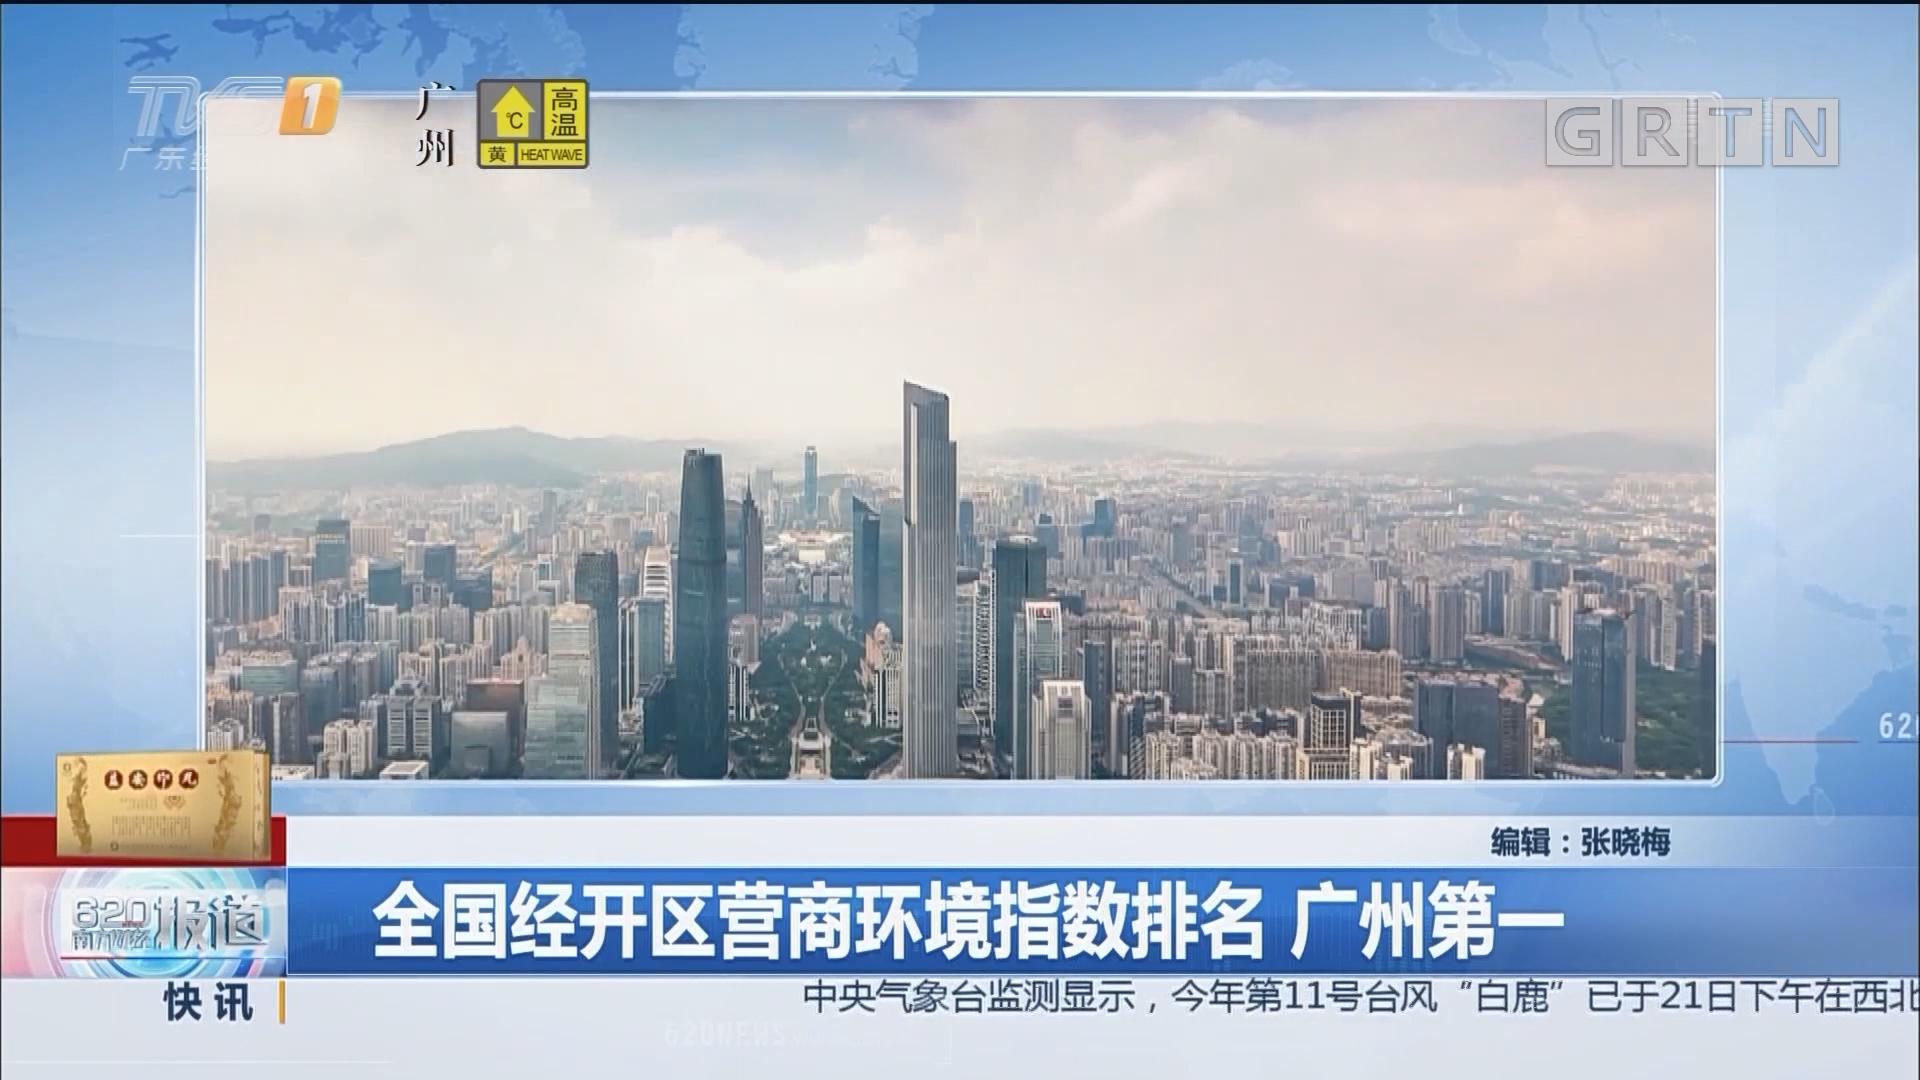 全国经开区营商环境指数排名 广州第一